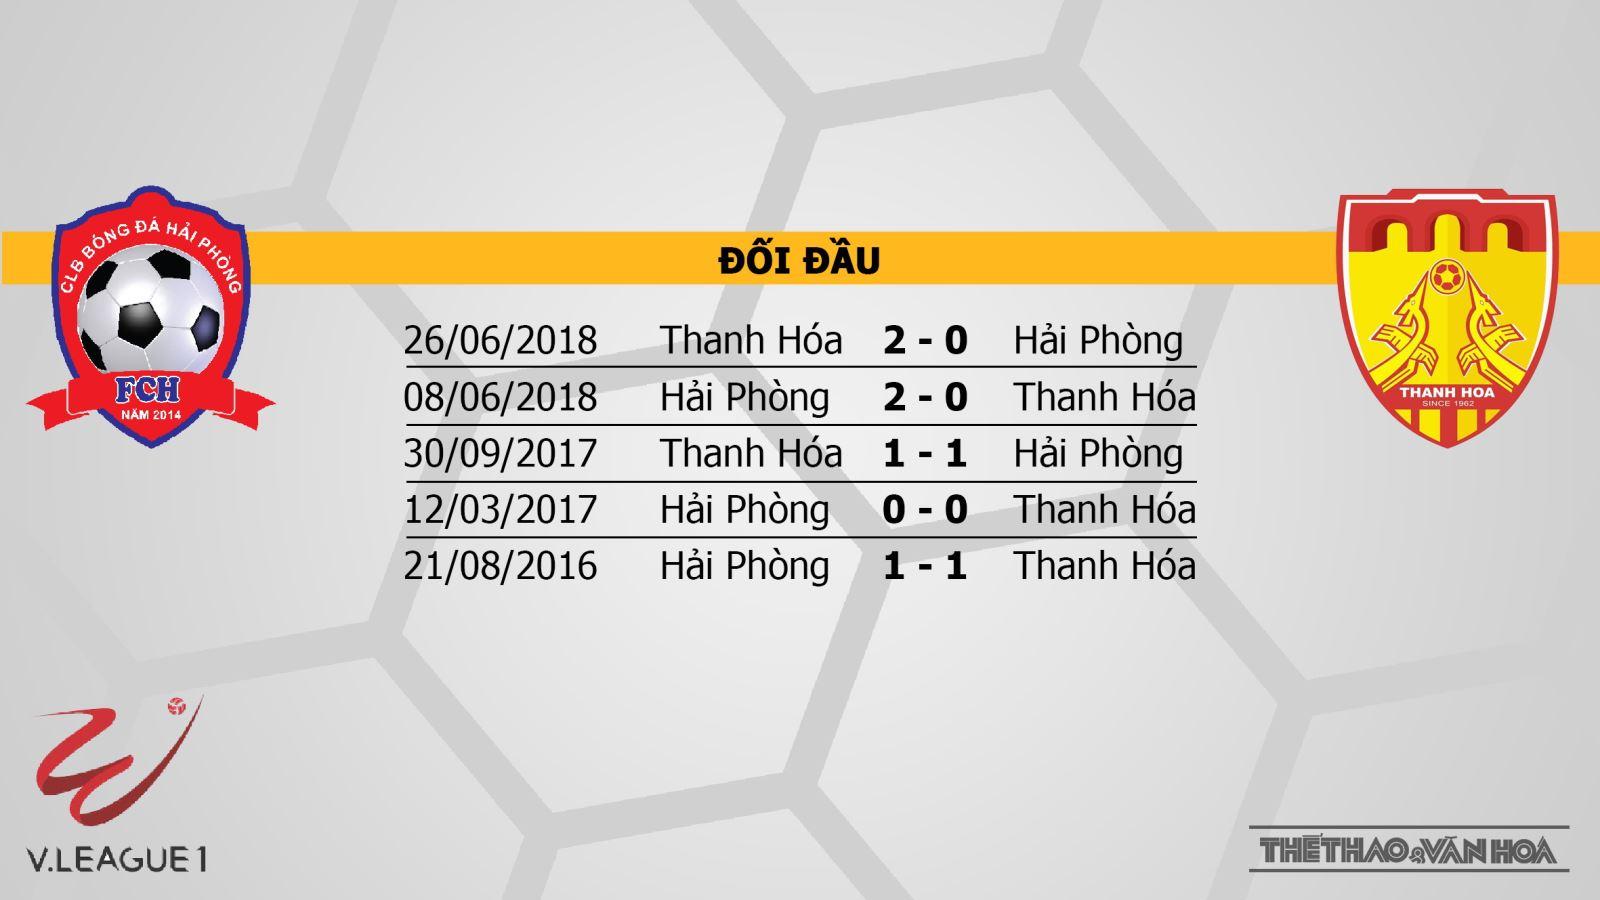 VTV6, Hải Phòng vsThanh Hóa, Hải Phòng, Hai Phong, Thanh Hóa, Thanh Hoa, truc tiep bong da, trực tiếp bóng đá, truc tiep bong da vtv6, FPT, BĐTV, K+, lịch thi đấu v league, v league 2019